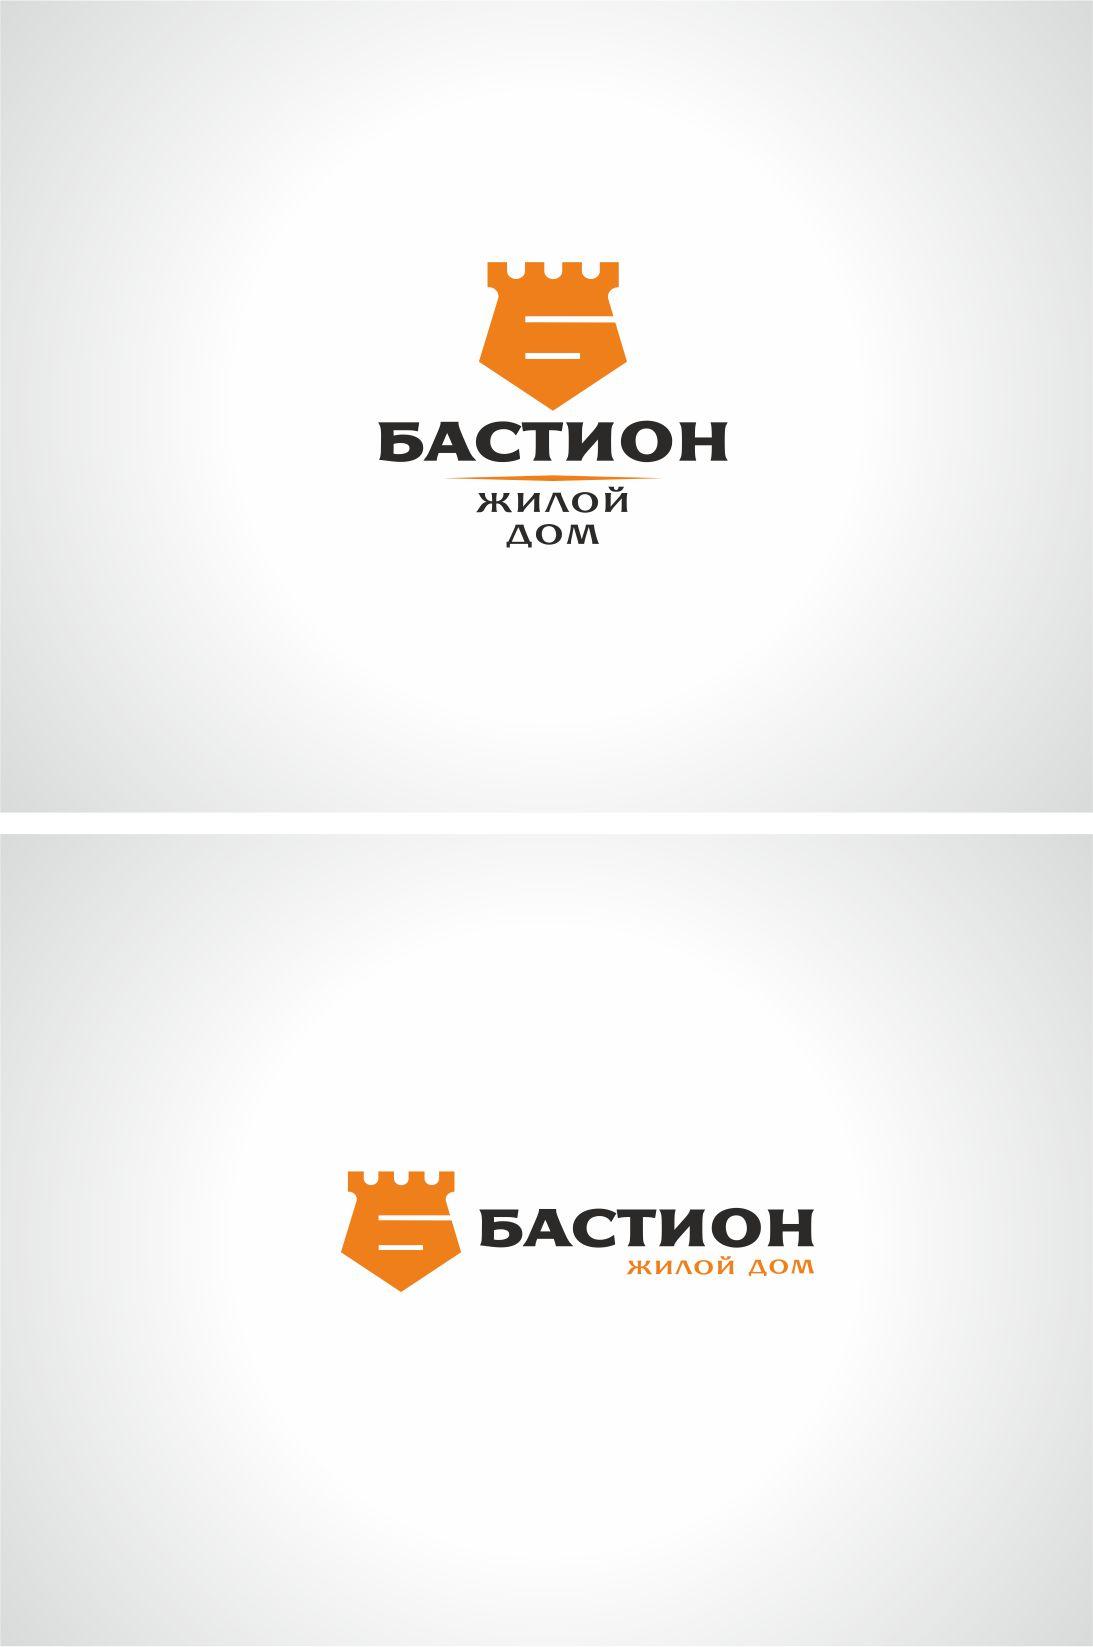 Разработка логотипа для жилого дома фото f_450520a823693761.jpg